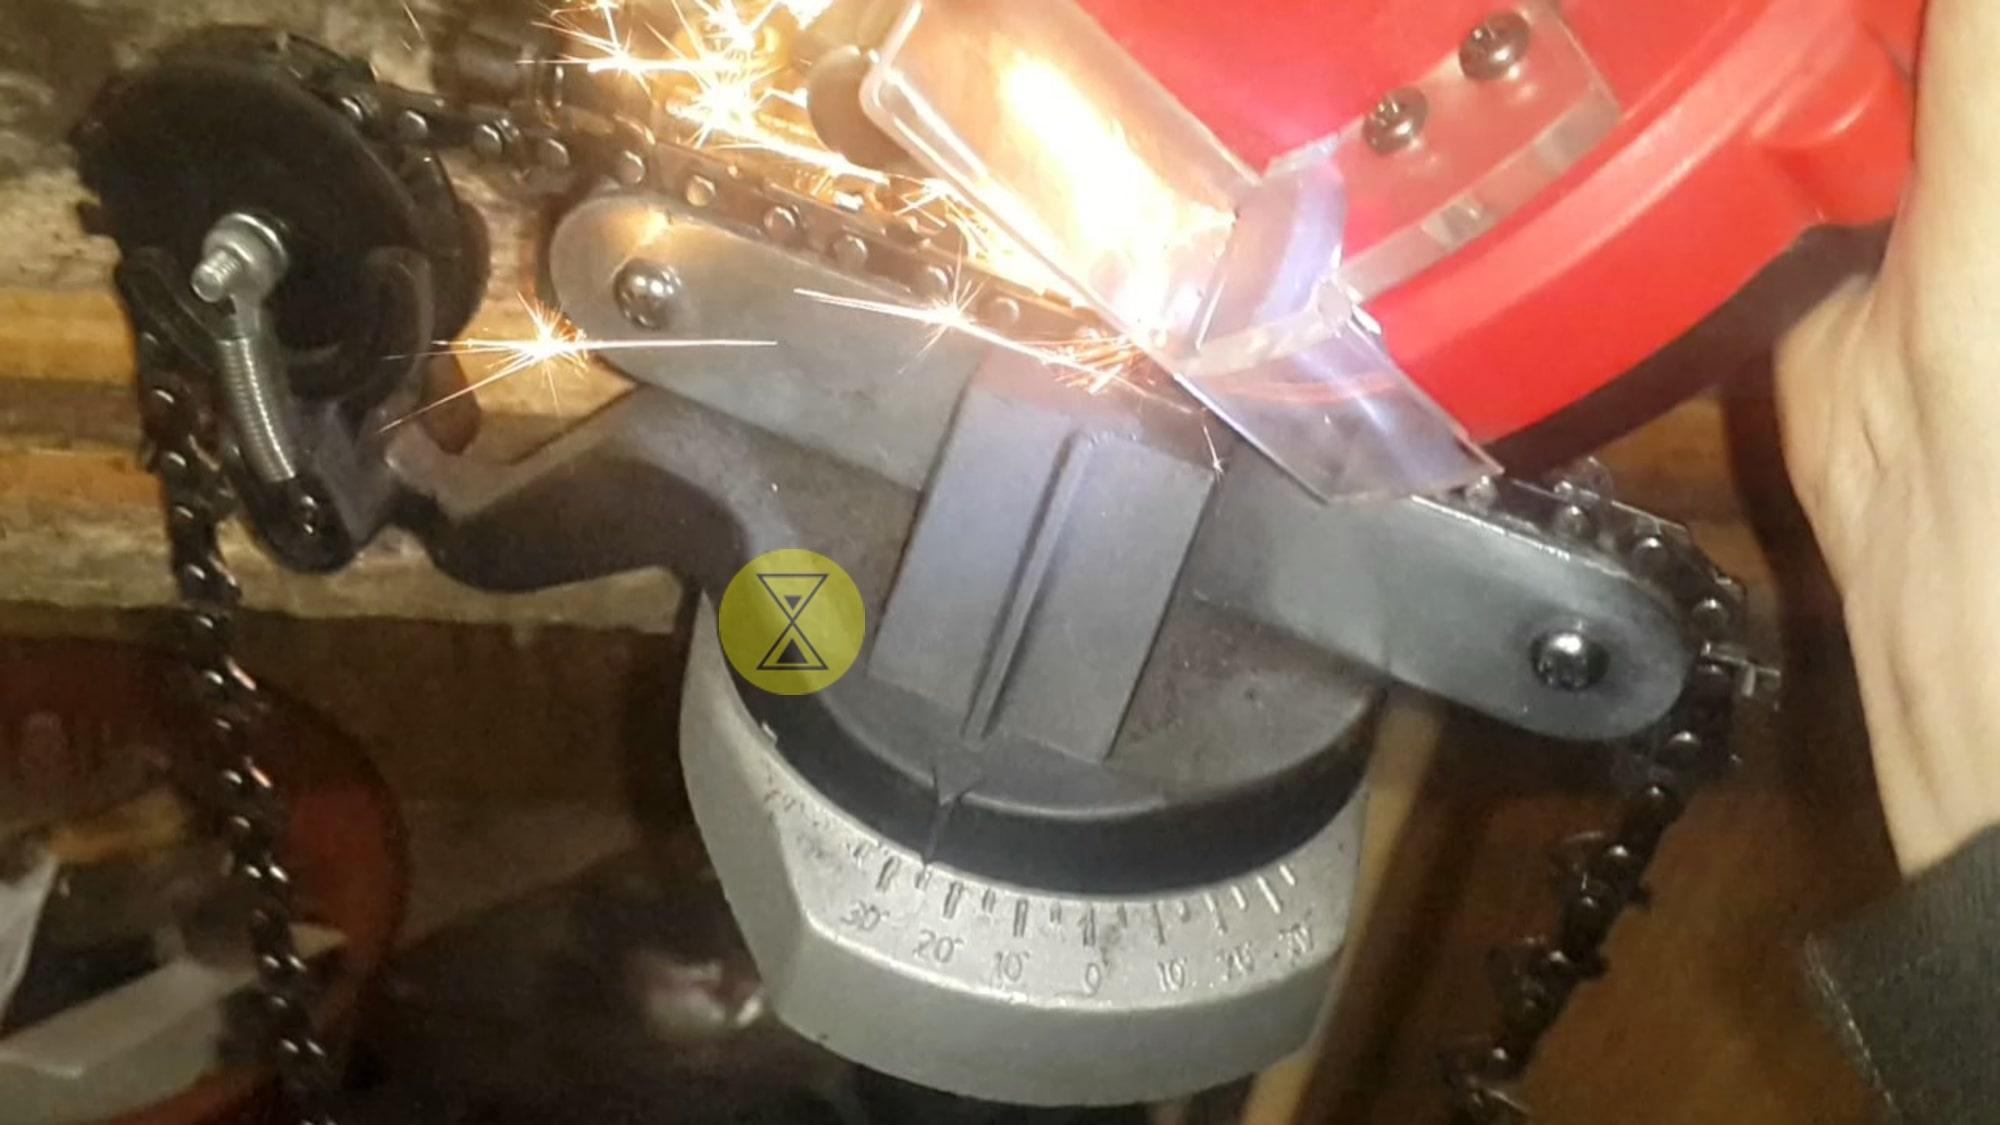 Все способы как наточить цепь бензопилы: подробно о заточке напильником, болгаркой, на станке с электрическим или ручным приводом